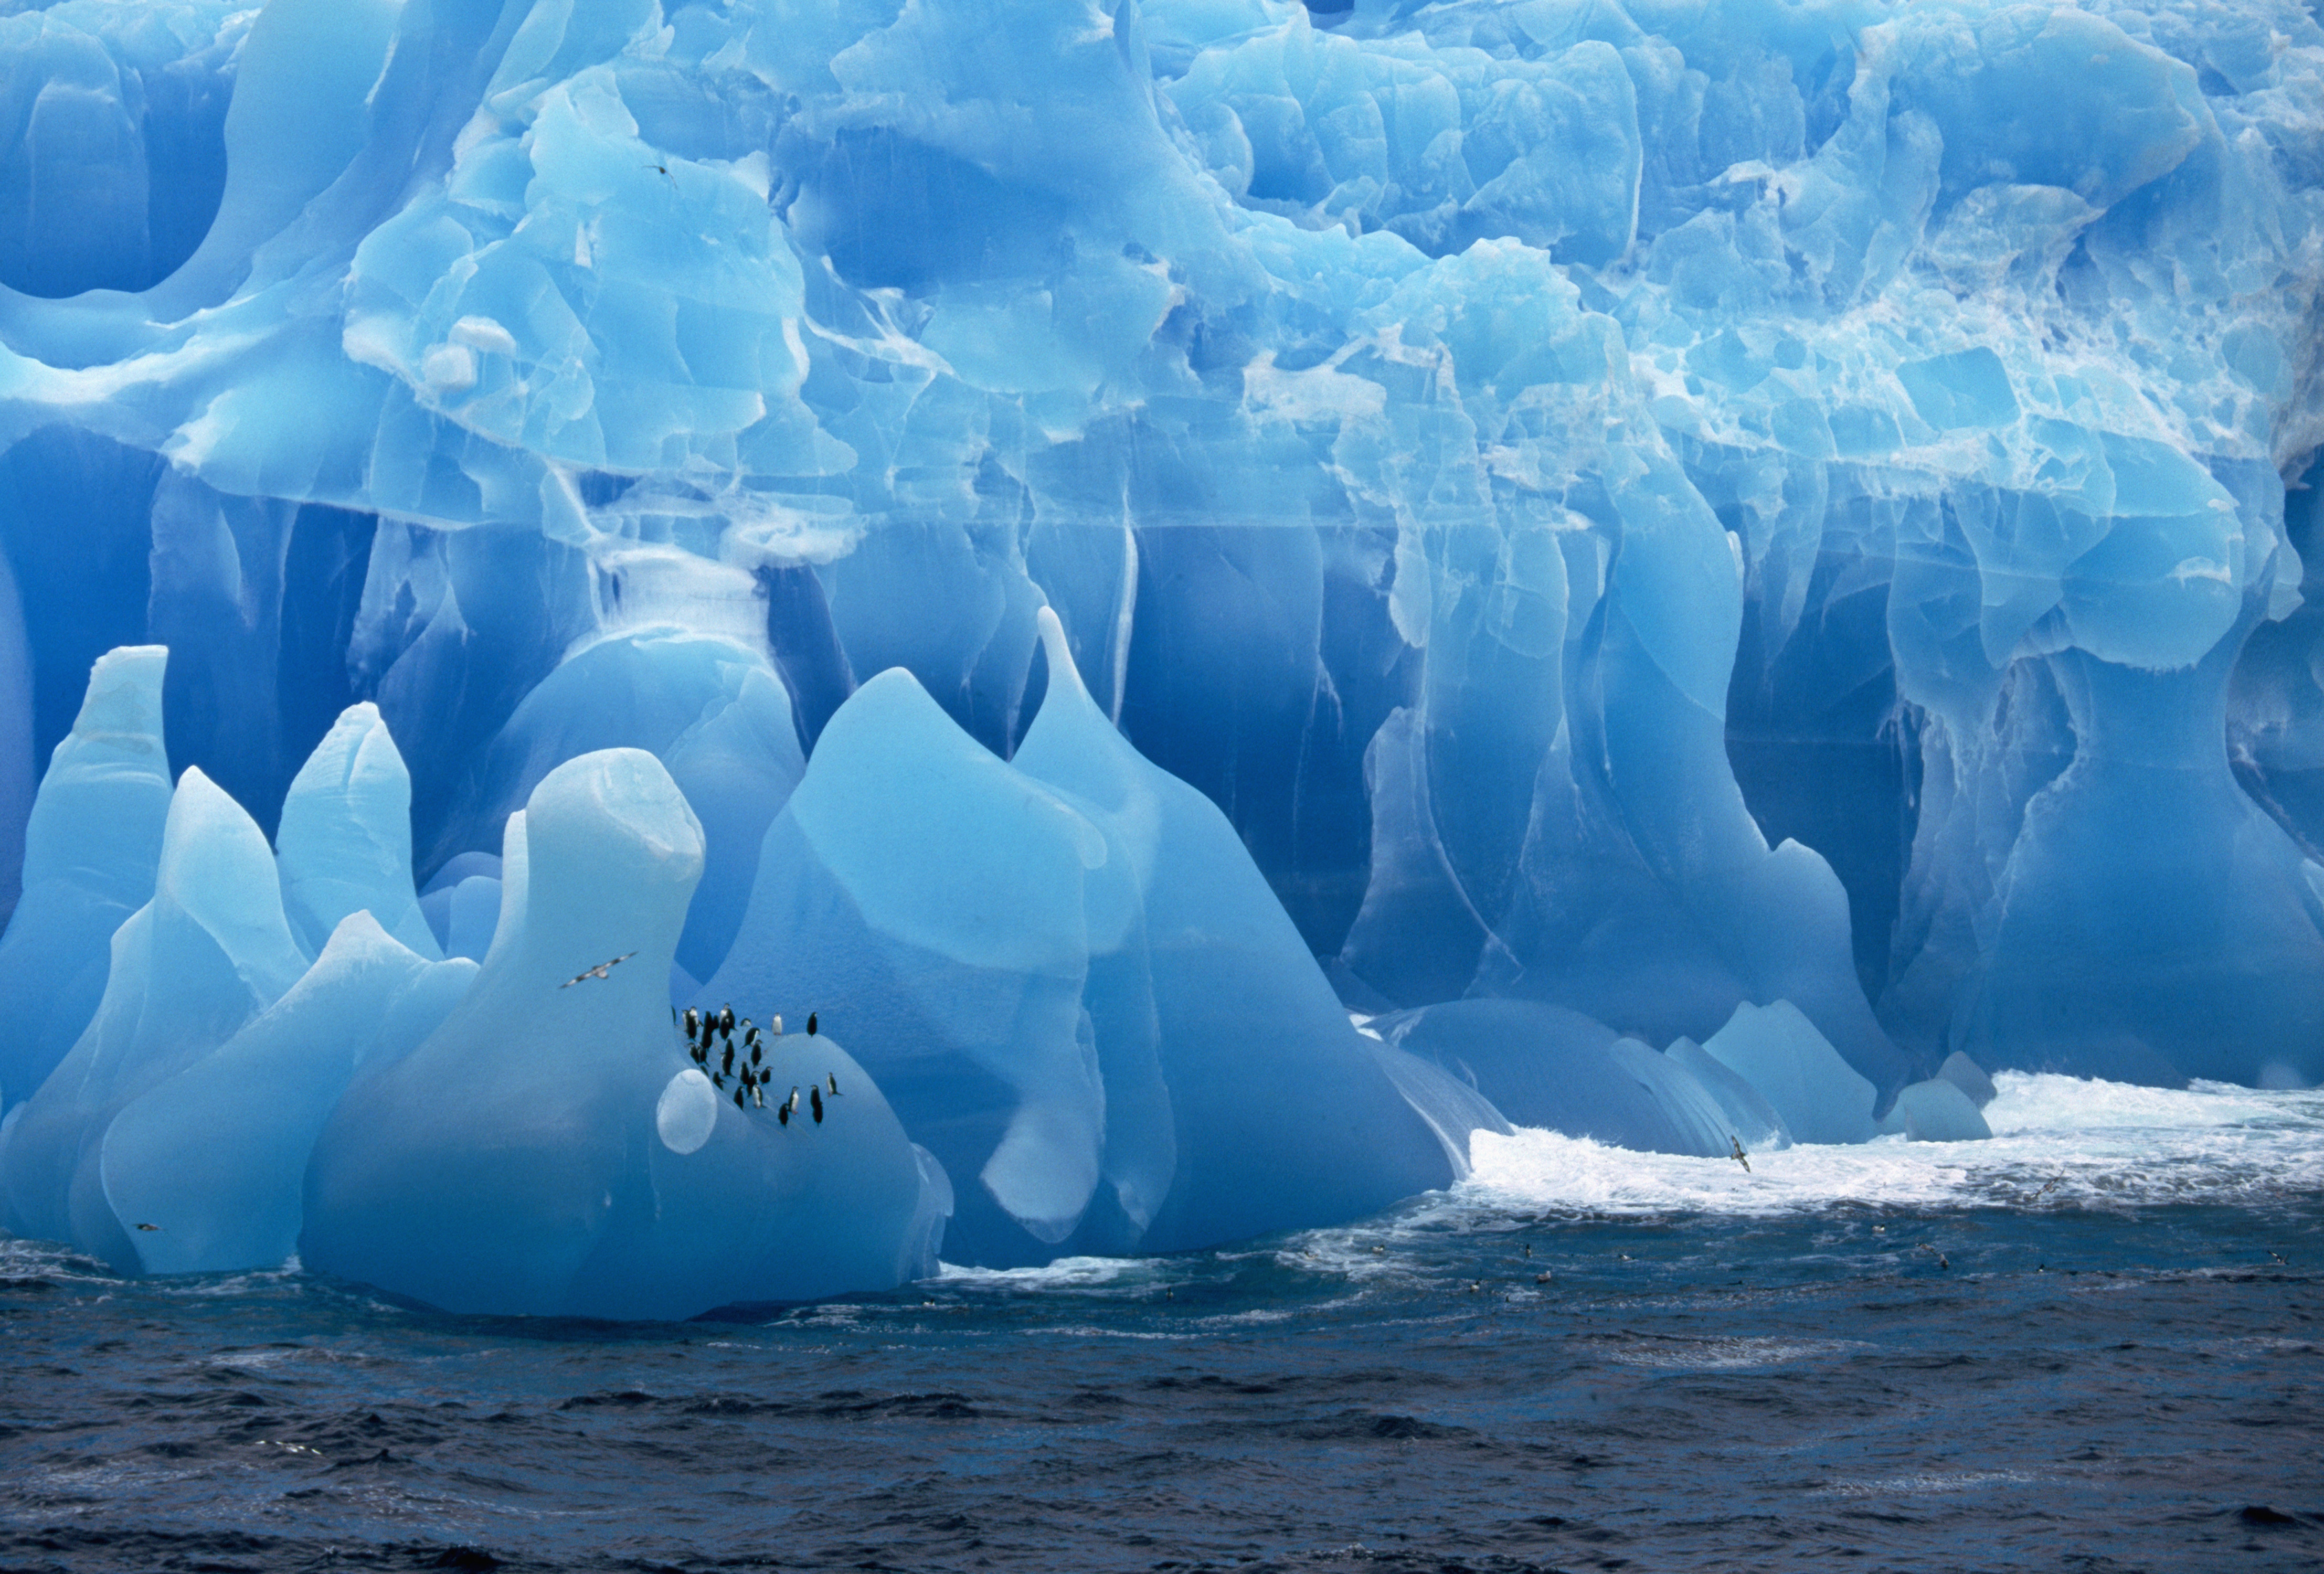 ледяные глыбы небо  № 2863263 загрузить